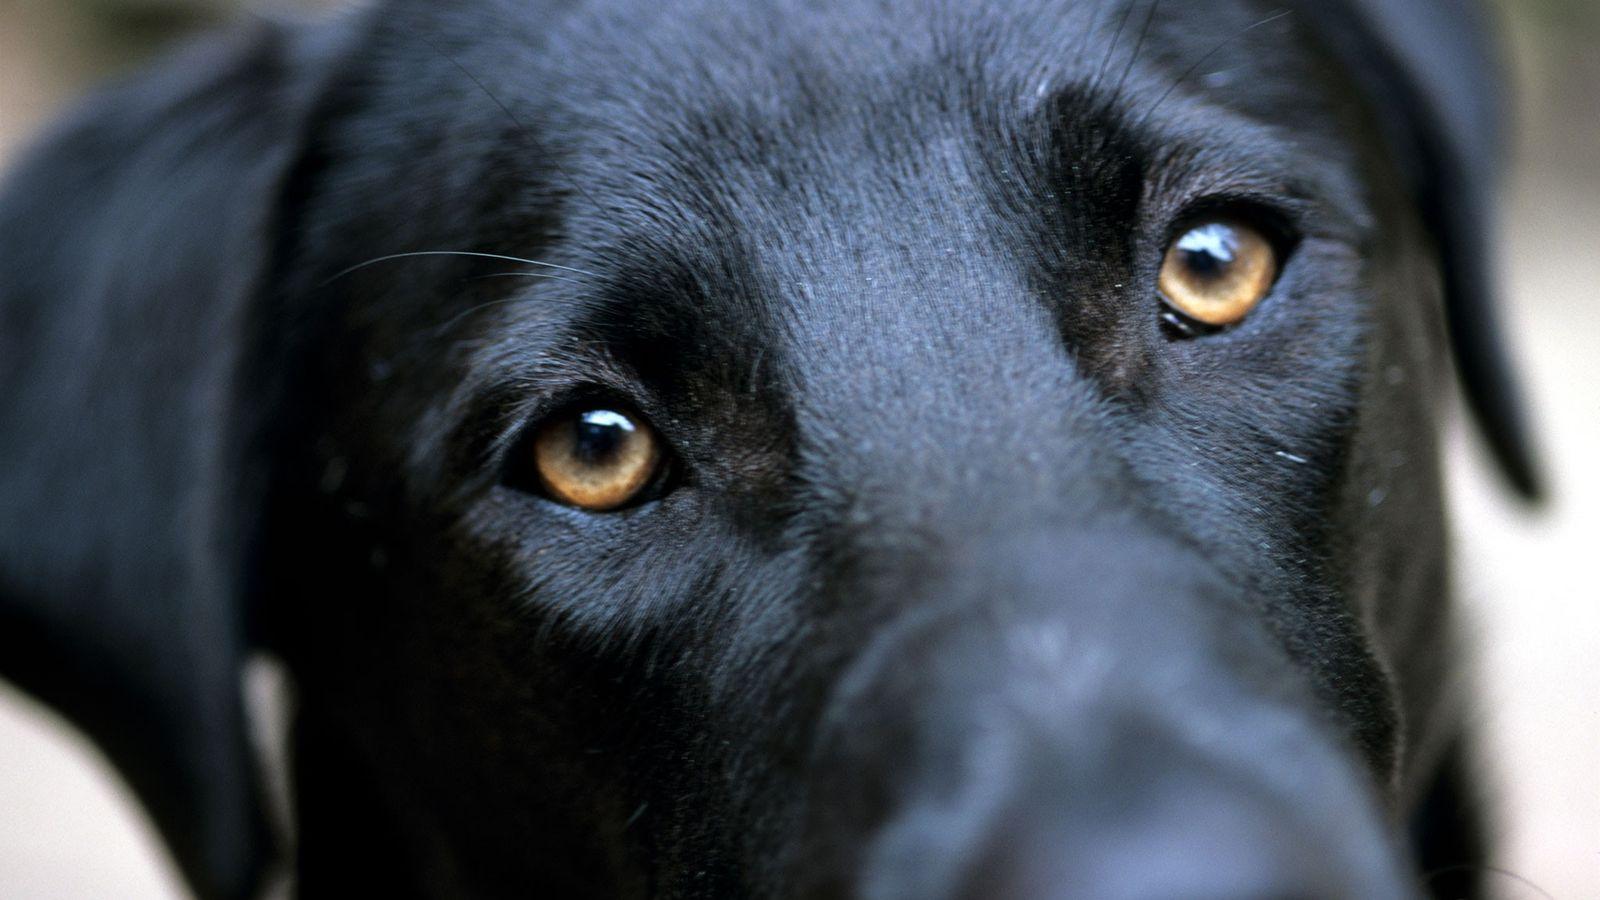 Um labrador preto levanta as sobrancelhas quando encontra o olhar do fotógrafo.